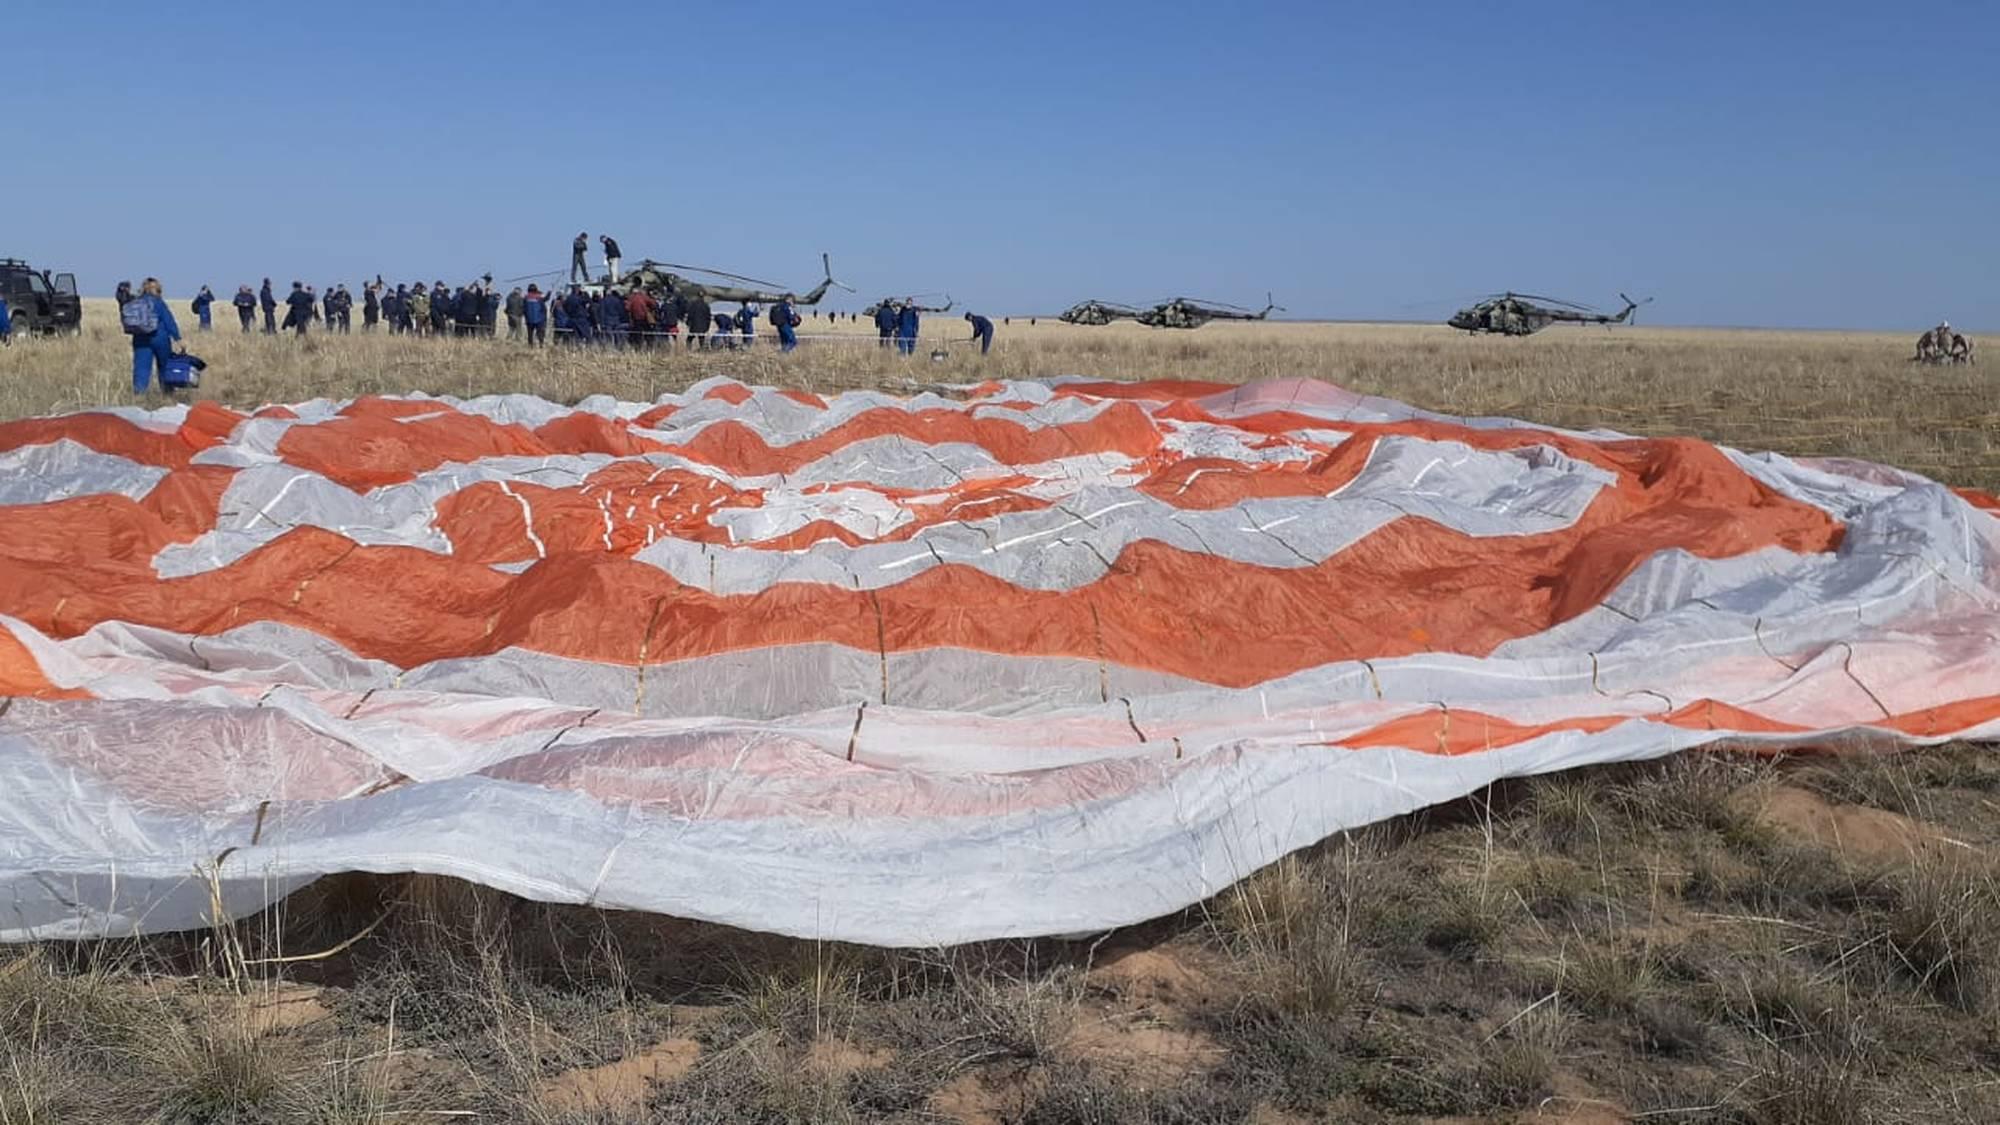 Le parachute, au sol.